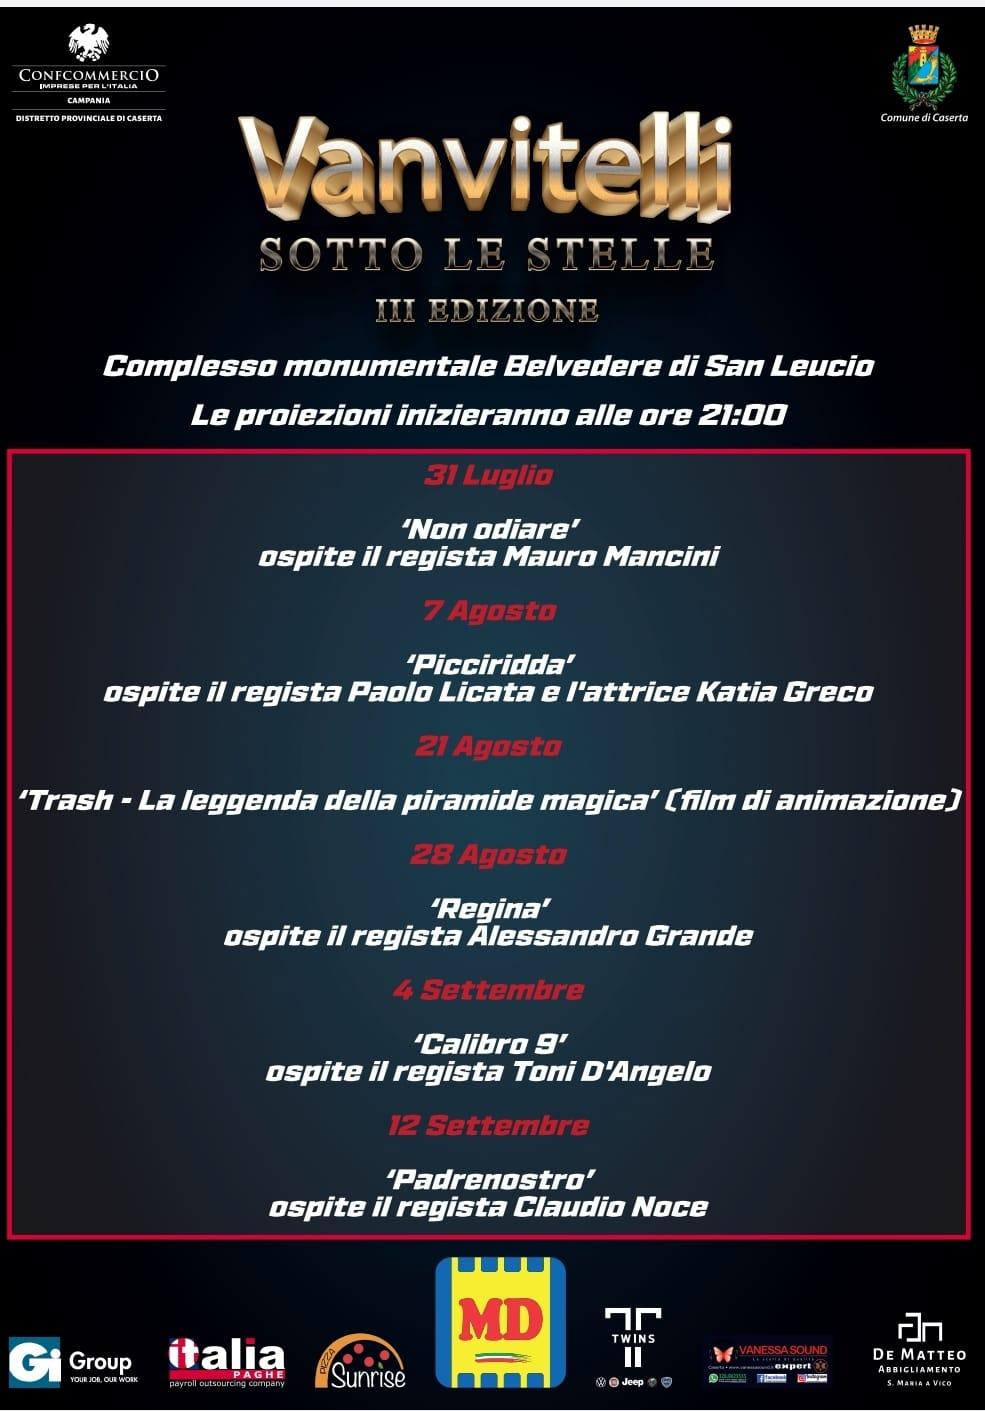 """Caserta: """"Vanvitelli sotto le stelle"""", al via la terza edizione della rassegna di cinema ideata da Confcommercio"""